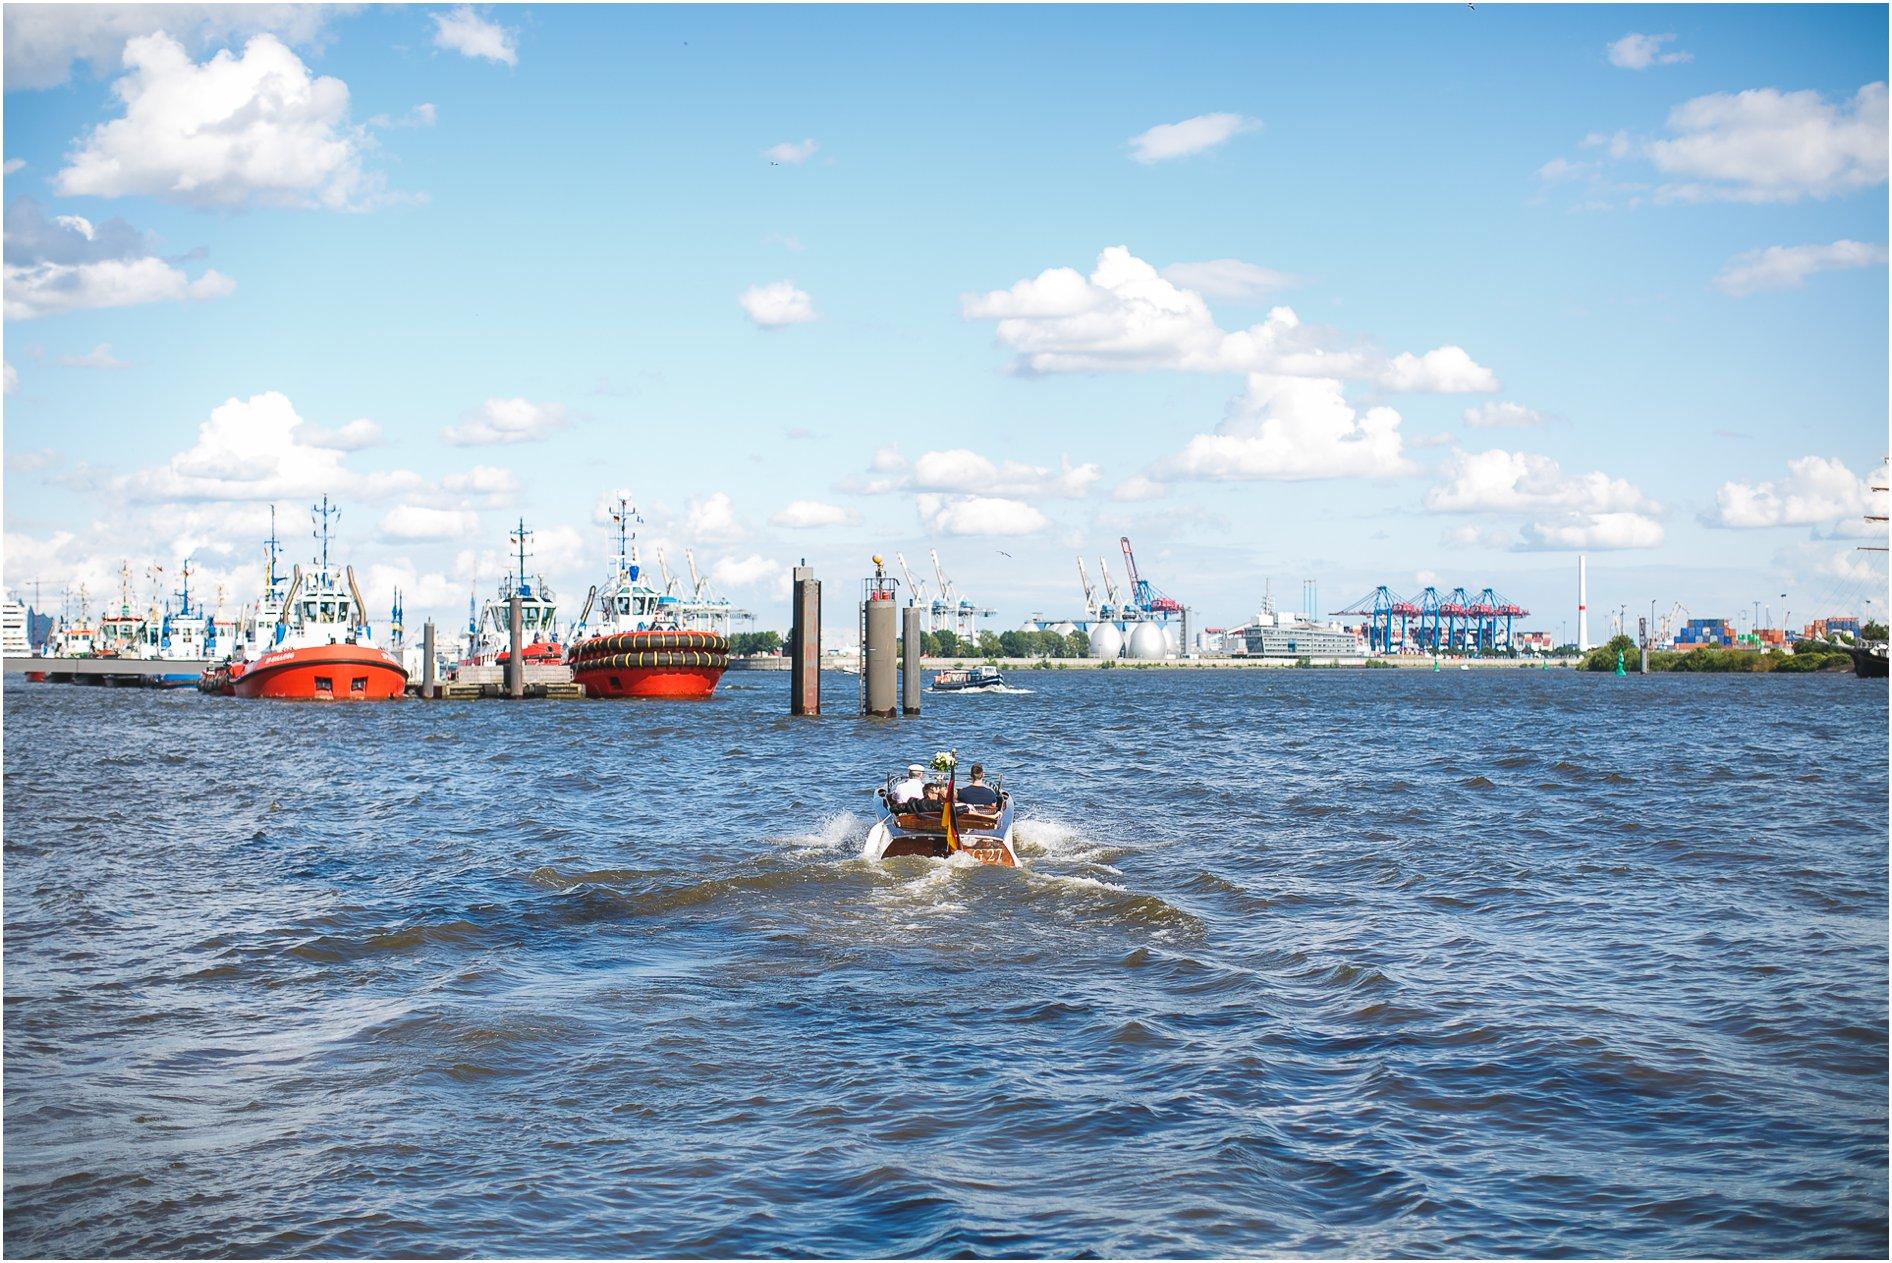 2014-07-16_0313 Über die Elbe mit Sarah & Benny